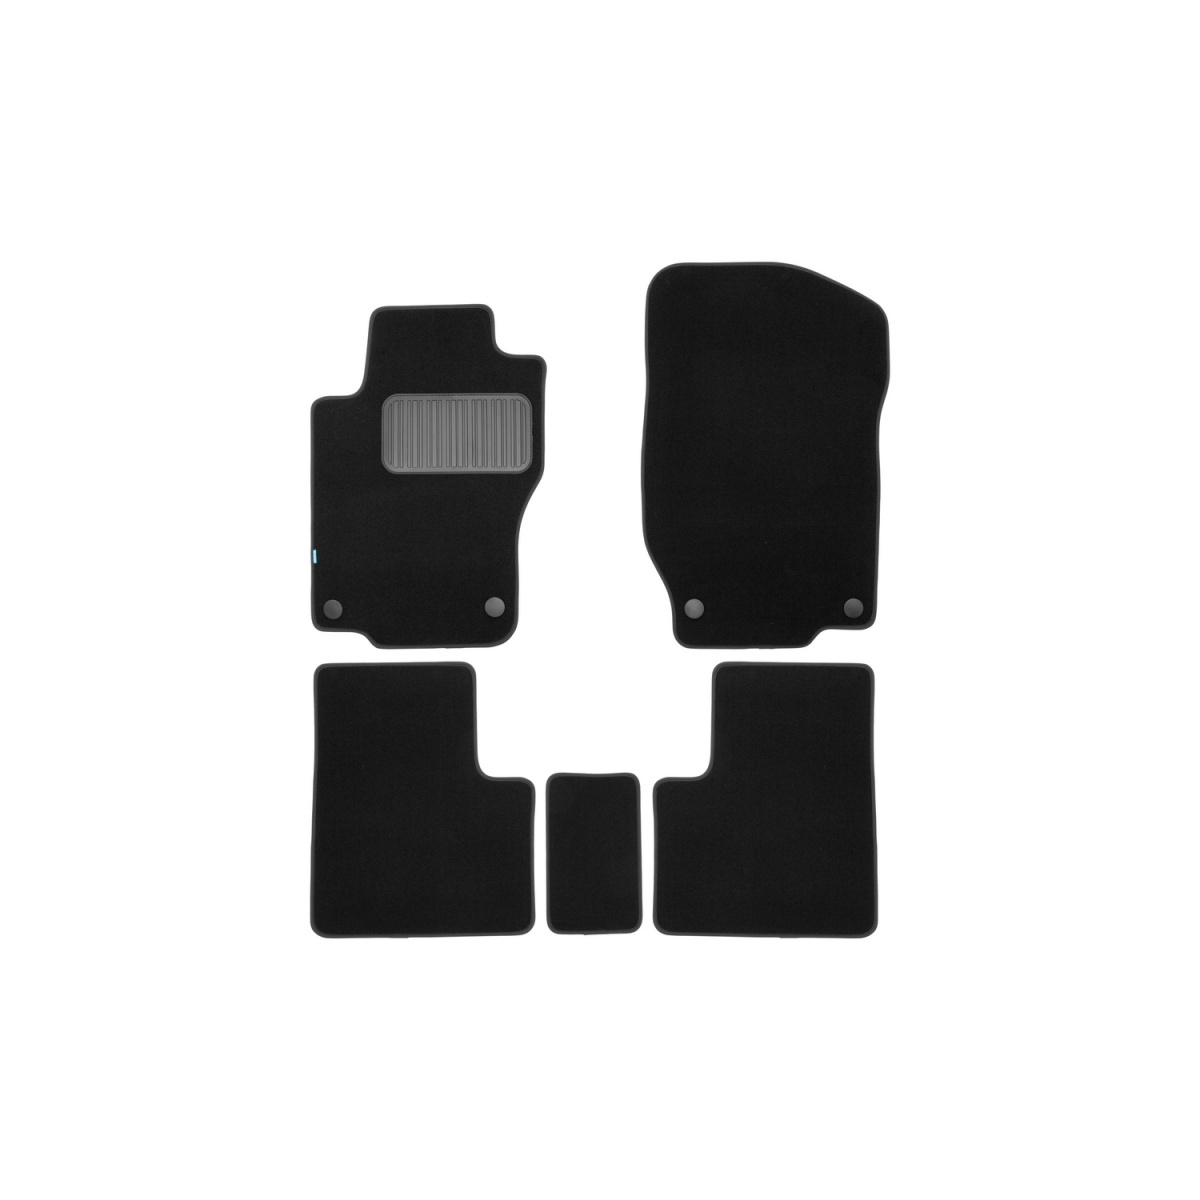 10 x MERCEDES-BENZ Hebilla Del Cinturón de seguridad Botón Soporte Tuerca